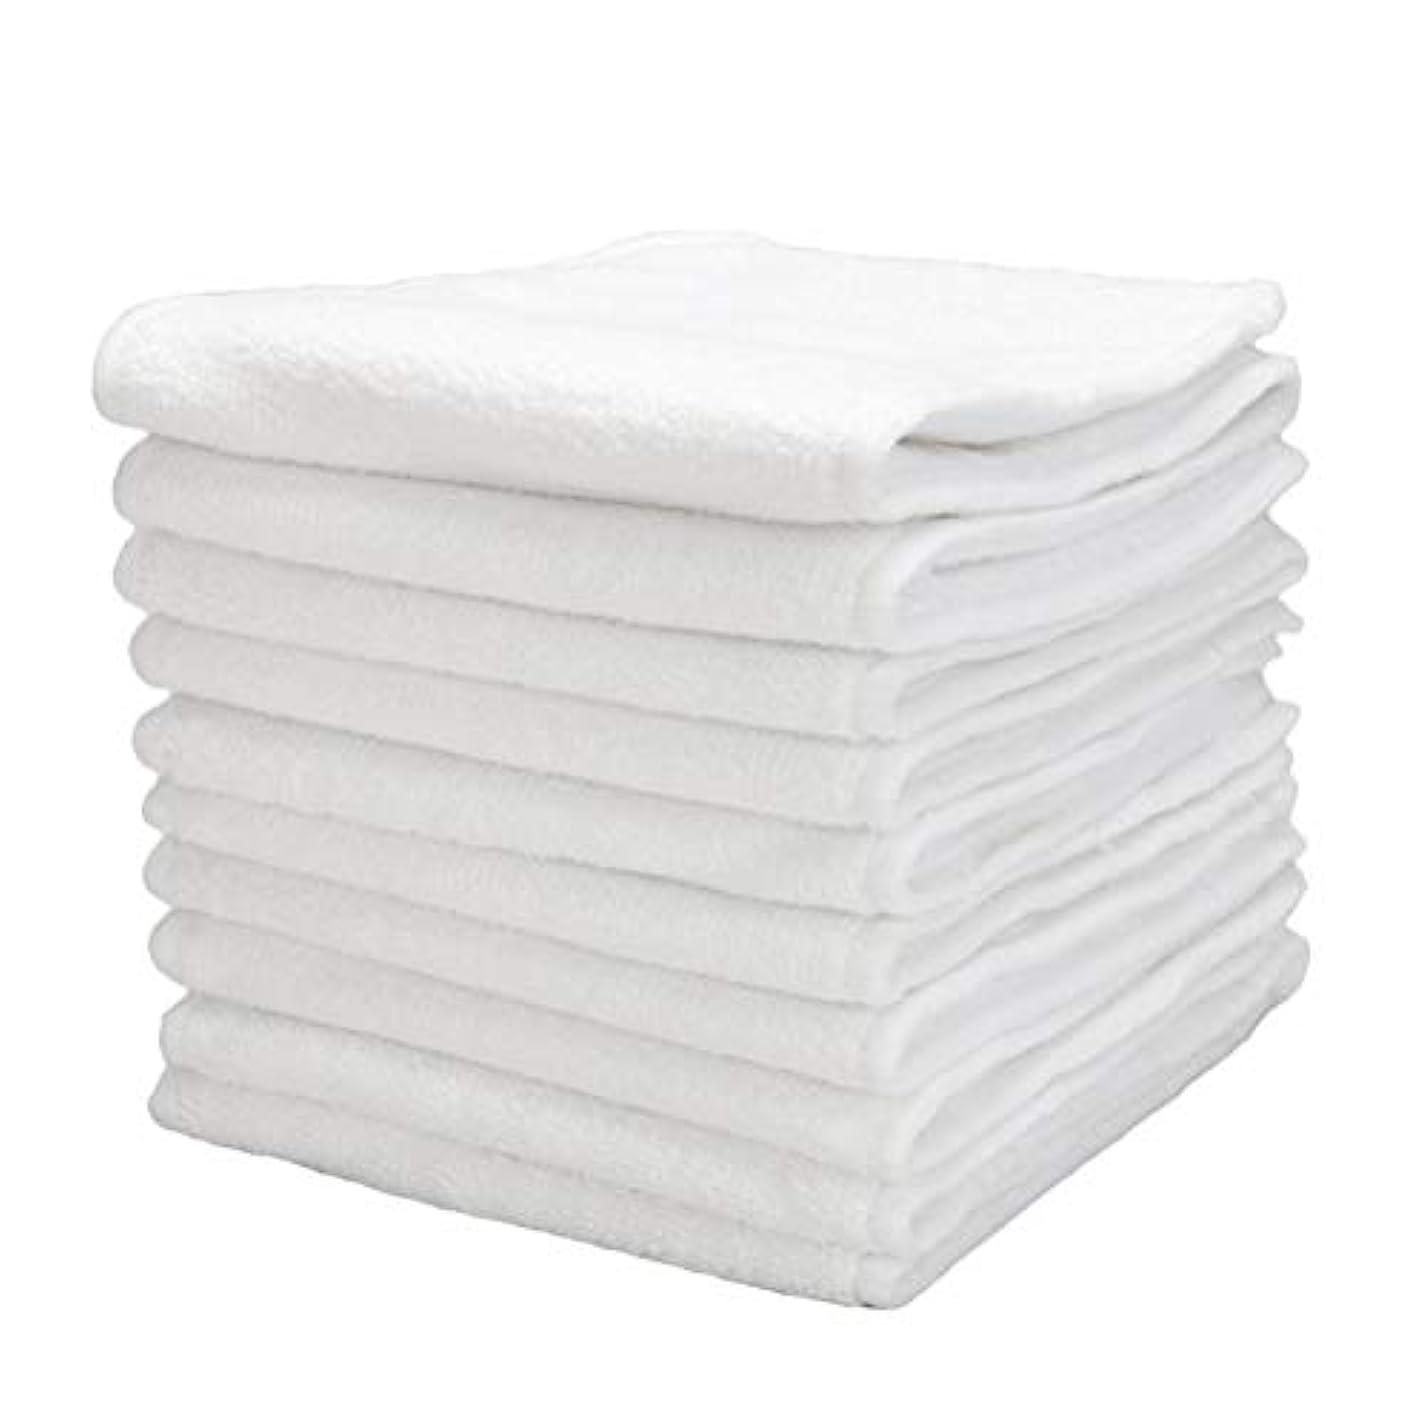 離す放置受粉するHealifty ベッド保護のためのおむつ洗える3層布アンダーパッド5個